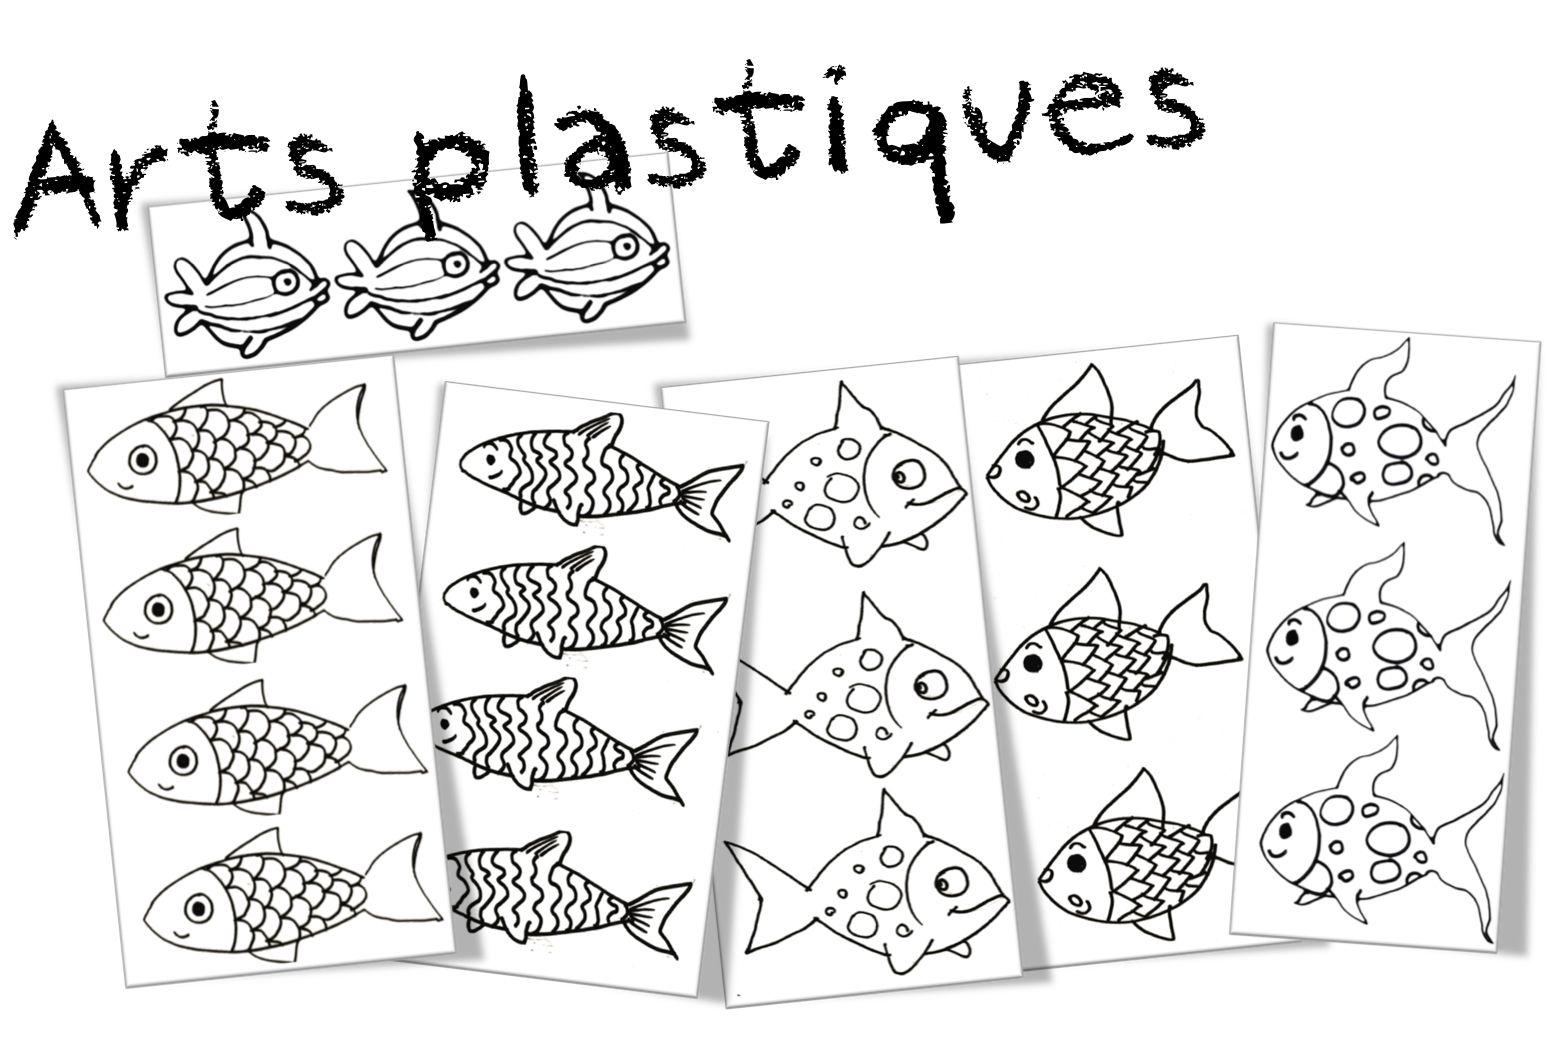 Le 1er Avril coloriages production d écrits poésie art plastiques